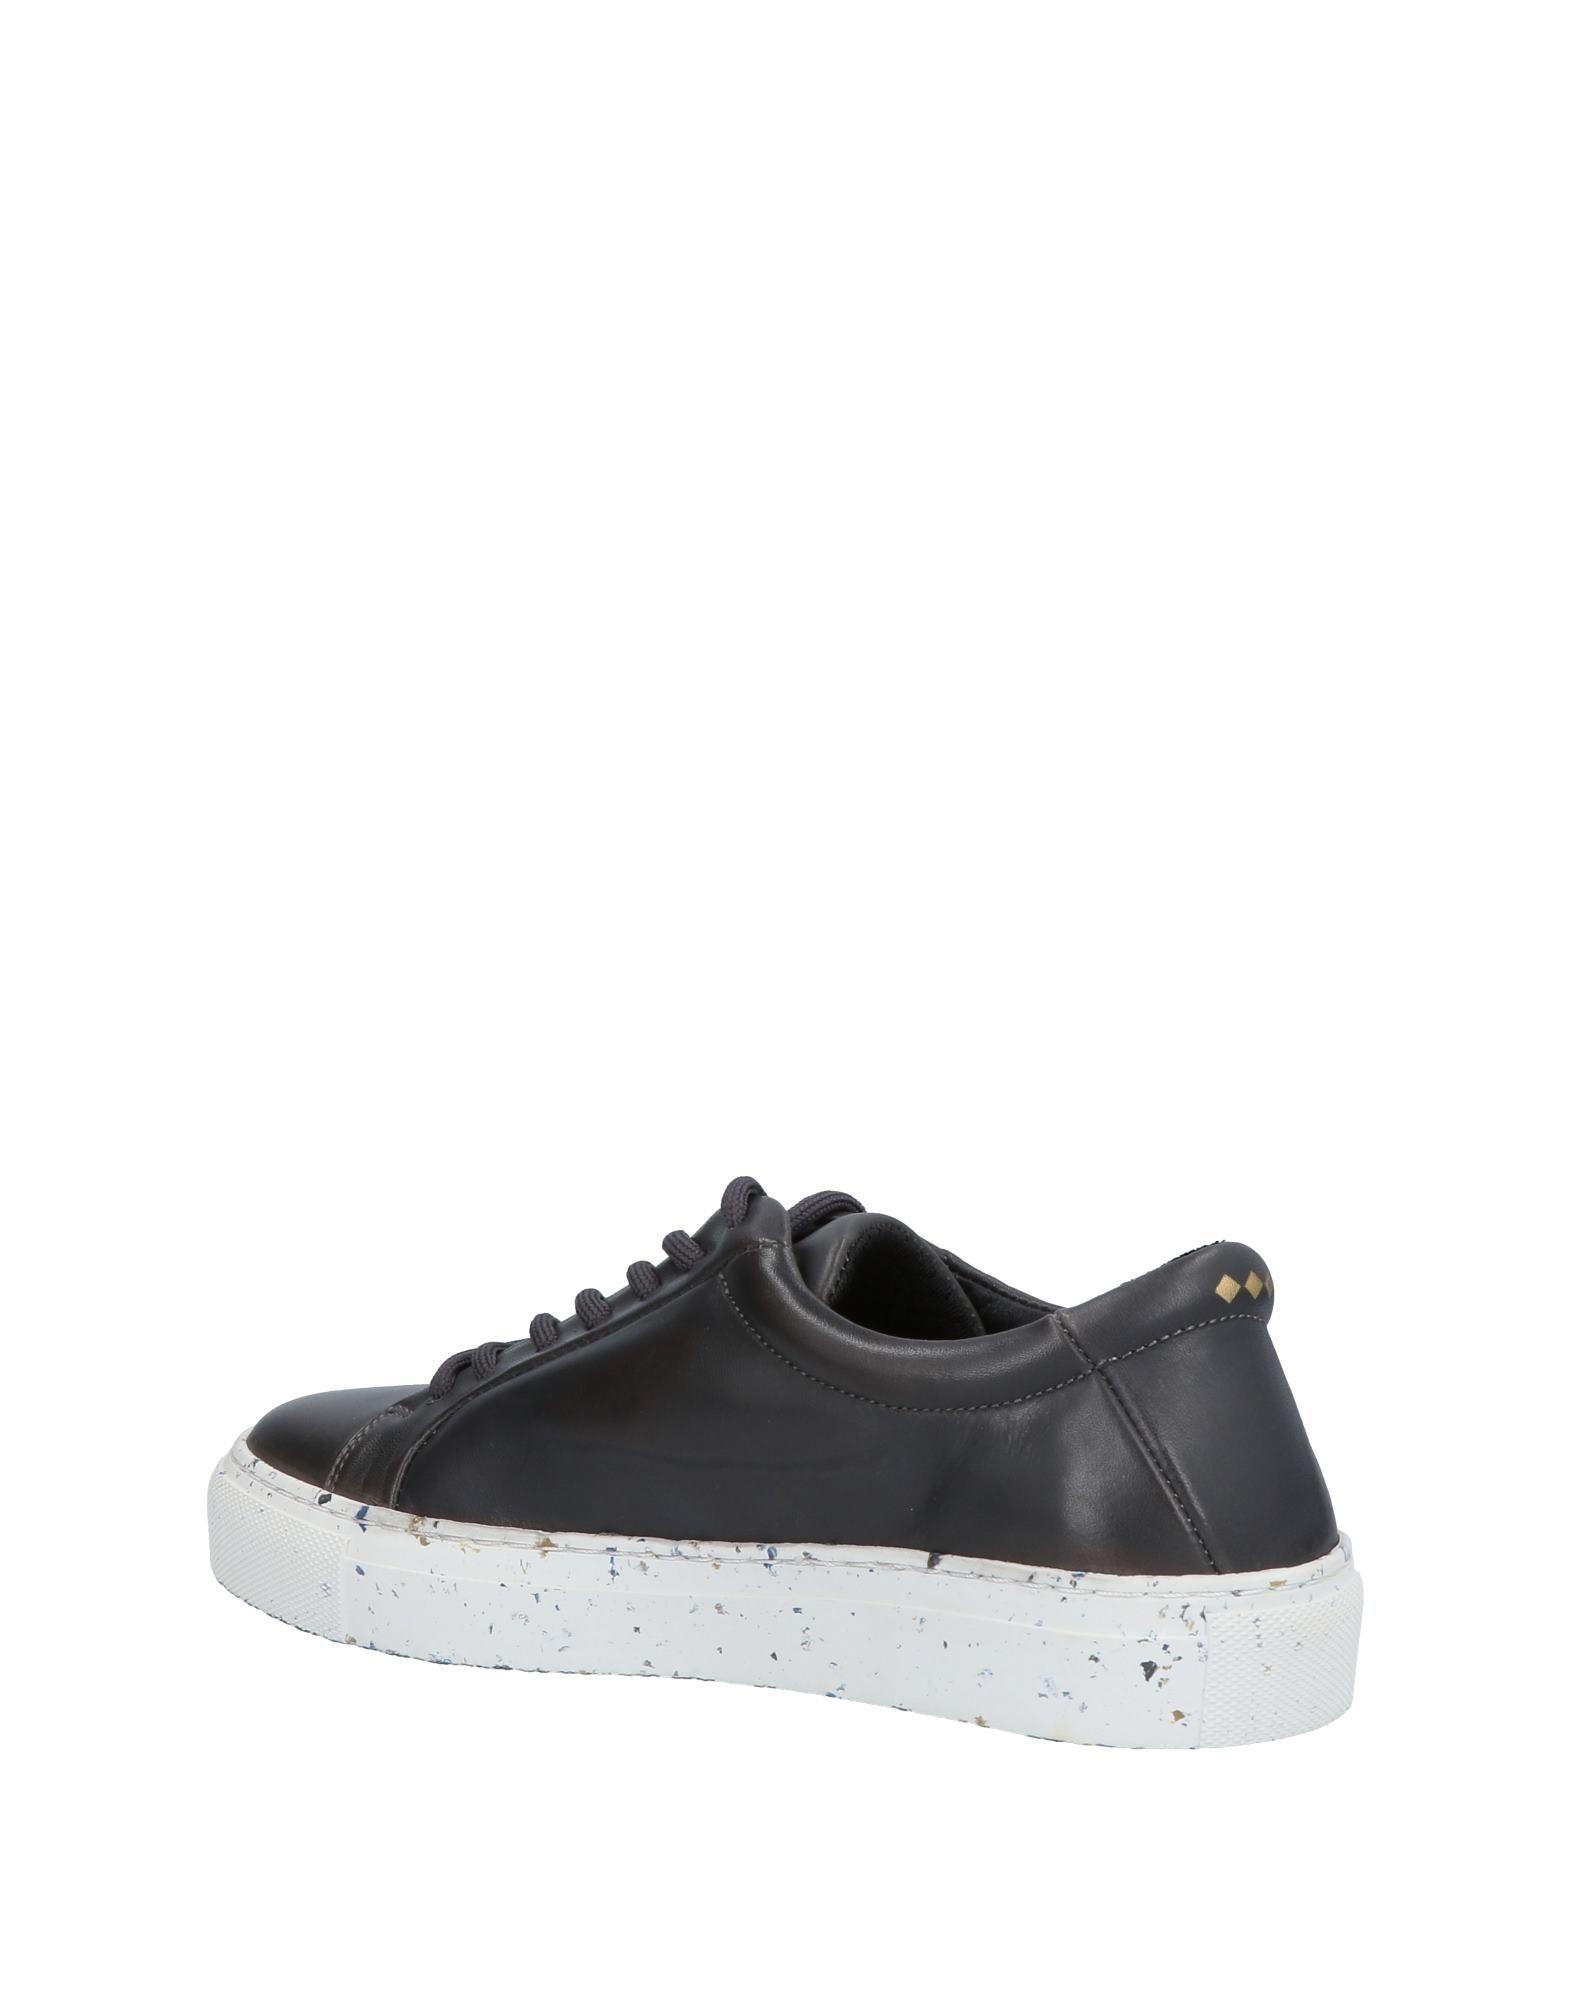 Gut um billige Schuhe Damen zu tragenRoyal Republiq Sneakers Damen Schuhe  11460793QX 548feb